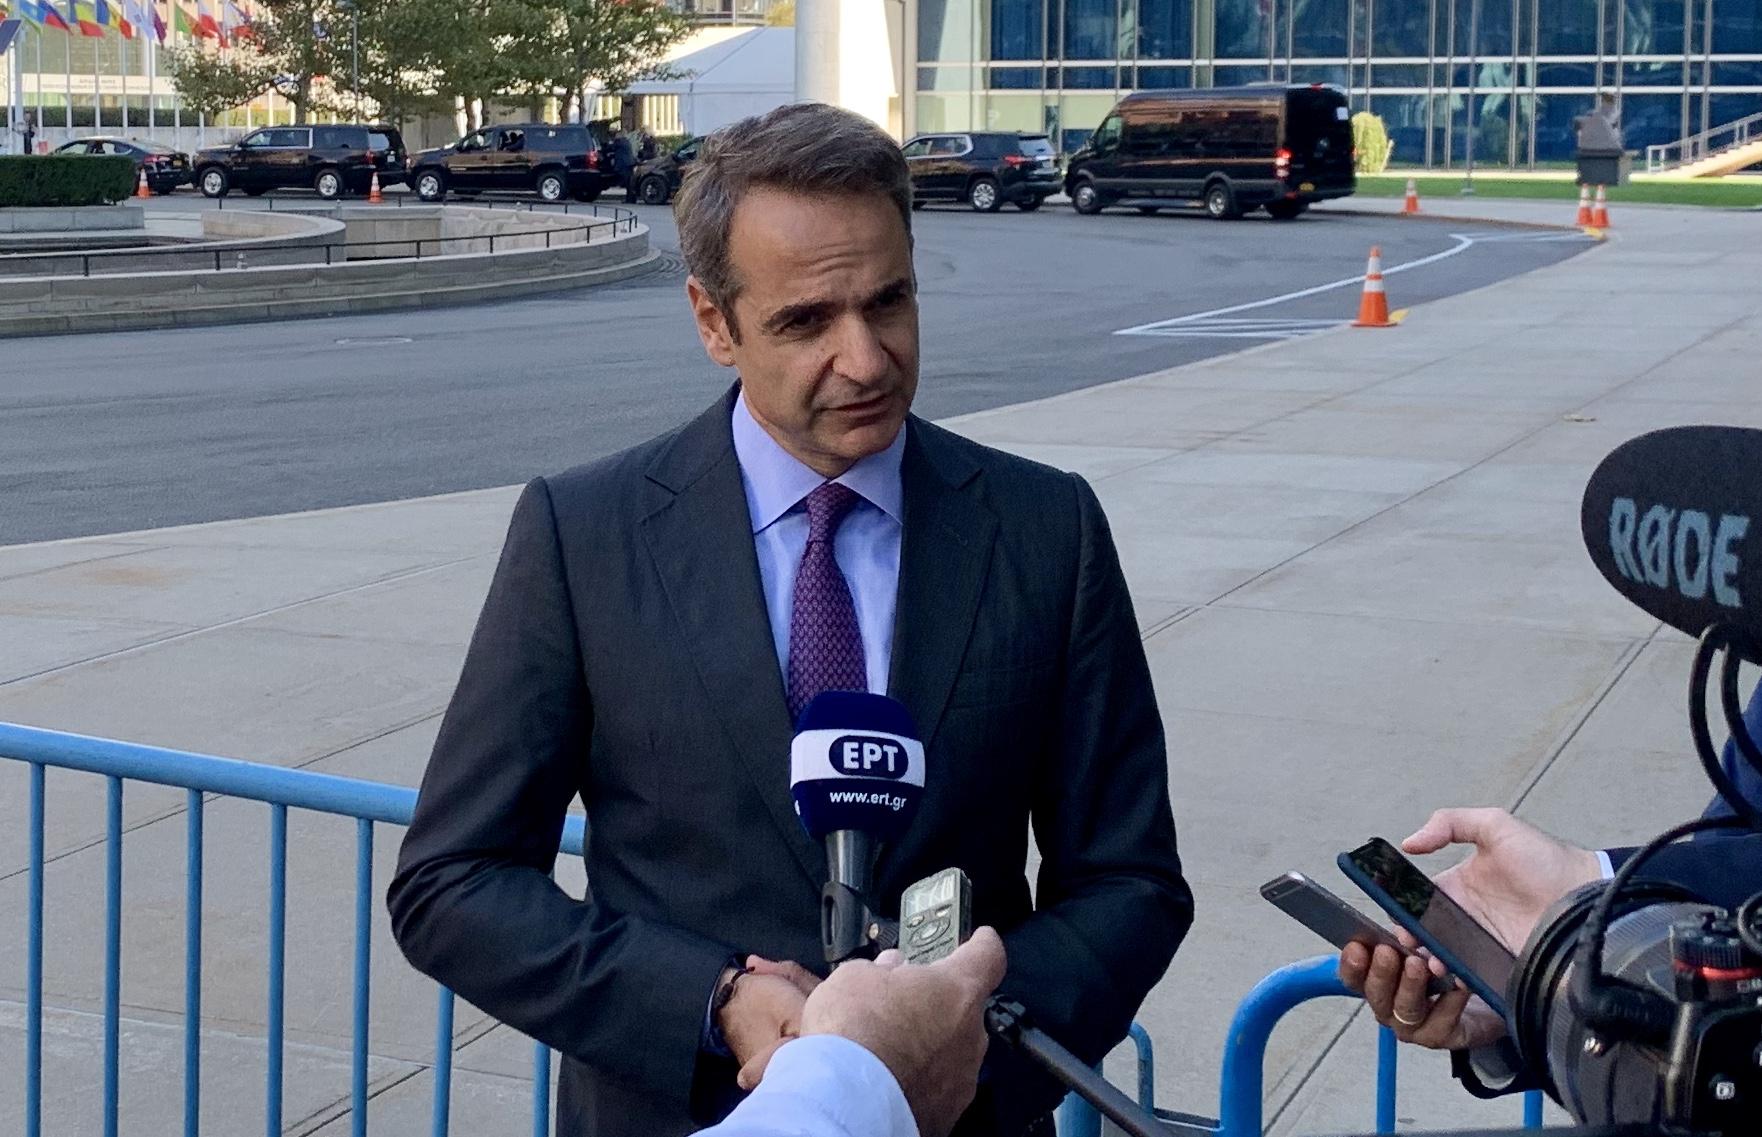 Kyriakos Mitsotakis govorio o Severnoj Makedoniji, privlačenju investicija i sastanku sa Erdoganom